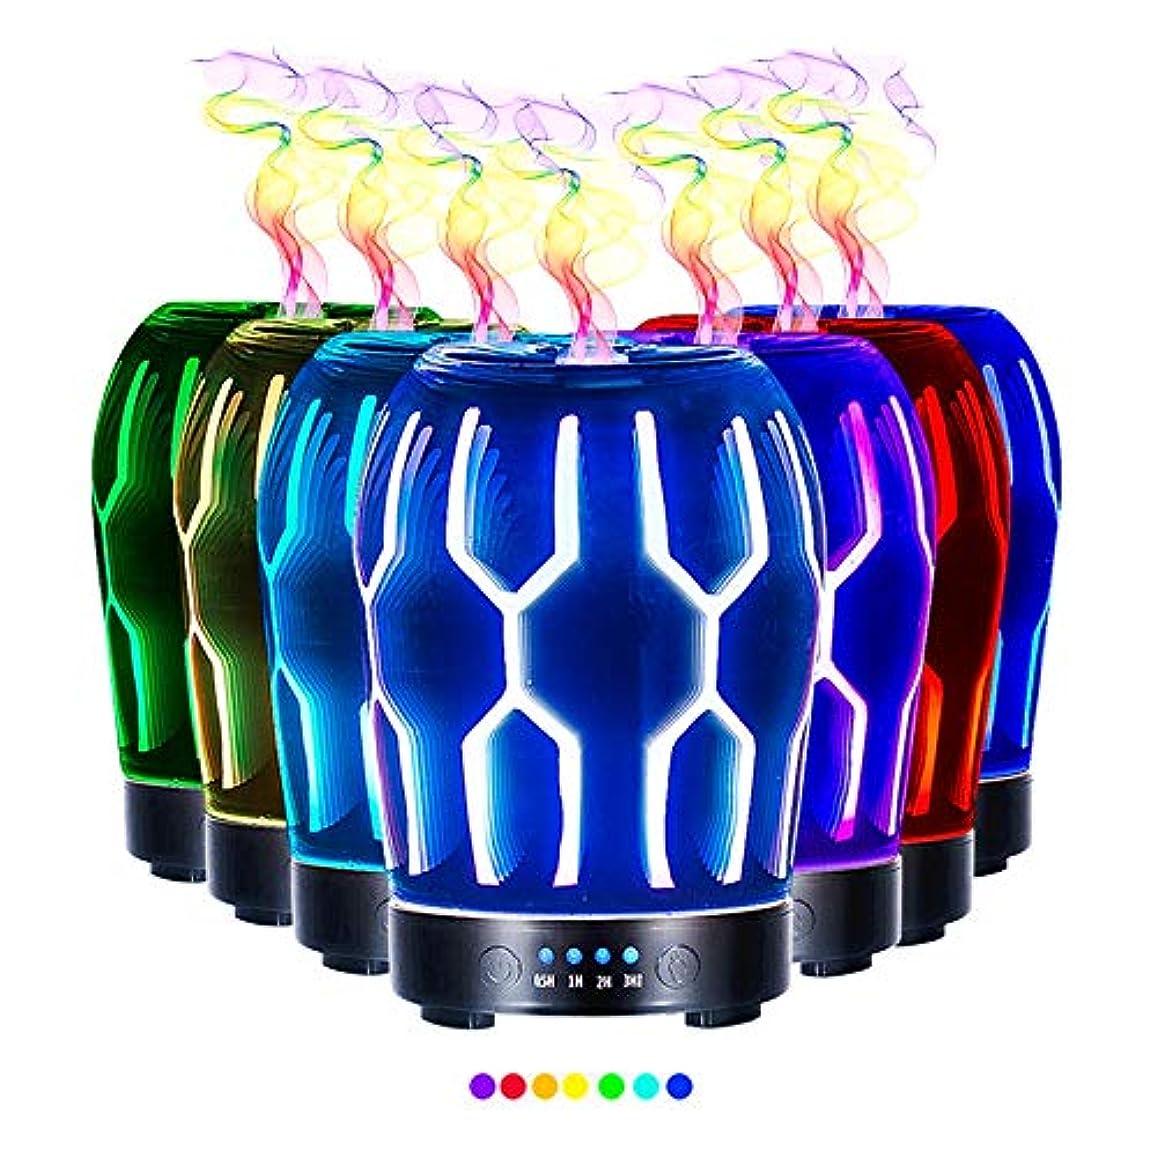 キャビン若さ地雷原エッセンシャルオイル用ディフューザー (100ml)-クリエイティブガラスハッカーマトリックスアロマ加湿器7色の変更 LED ライト & 4 タイマー設定、水なしの自動シャットオフ